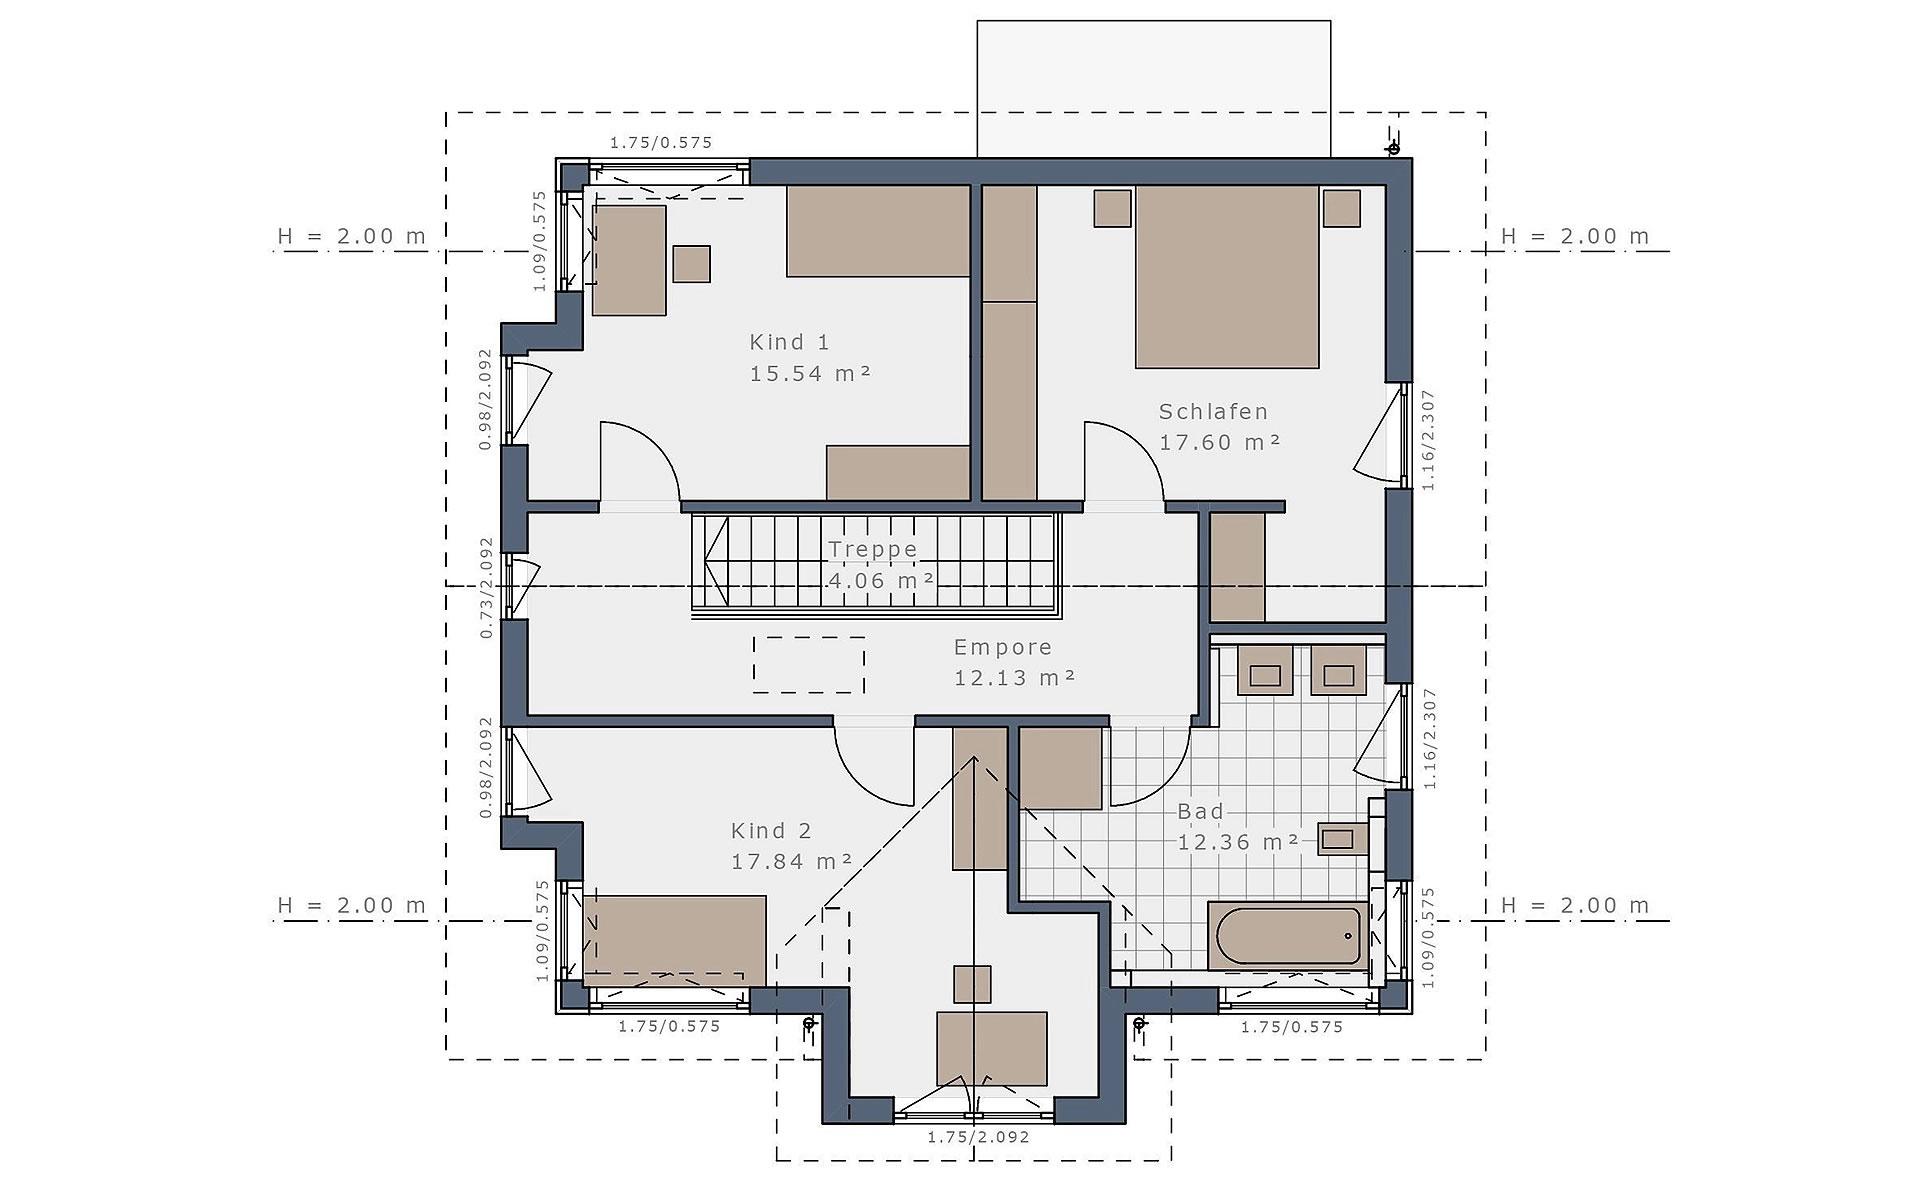 Dachgeschoss Solitaire-E-145 E5 von Schwabenhaus GmbH & Co. KG